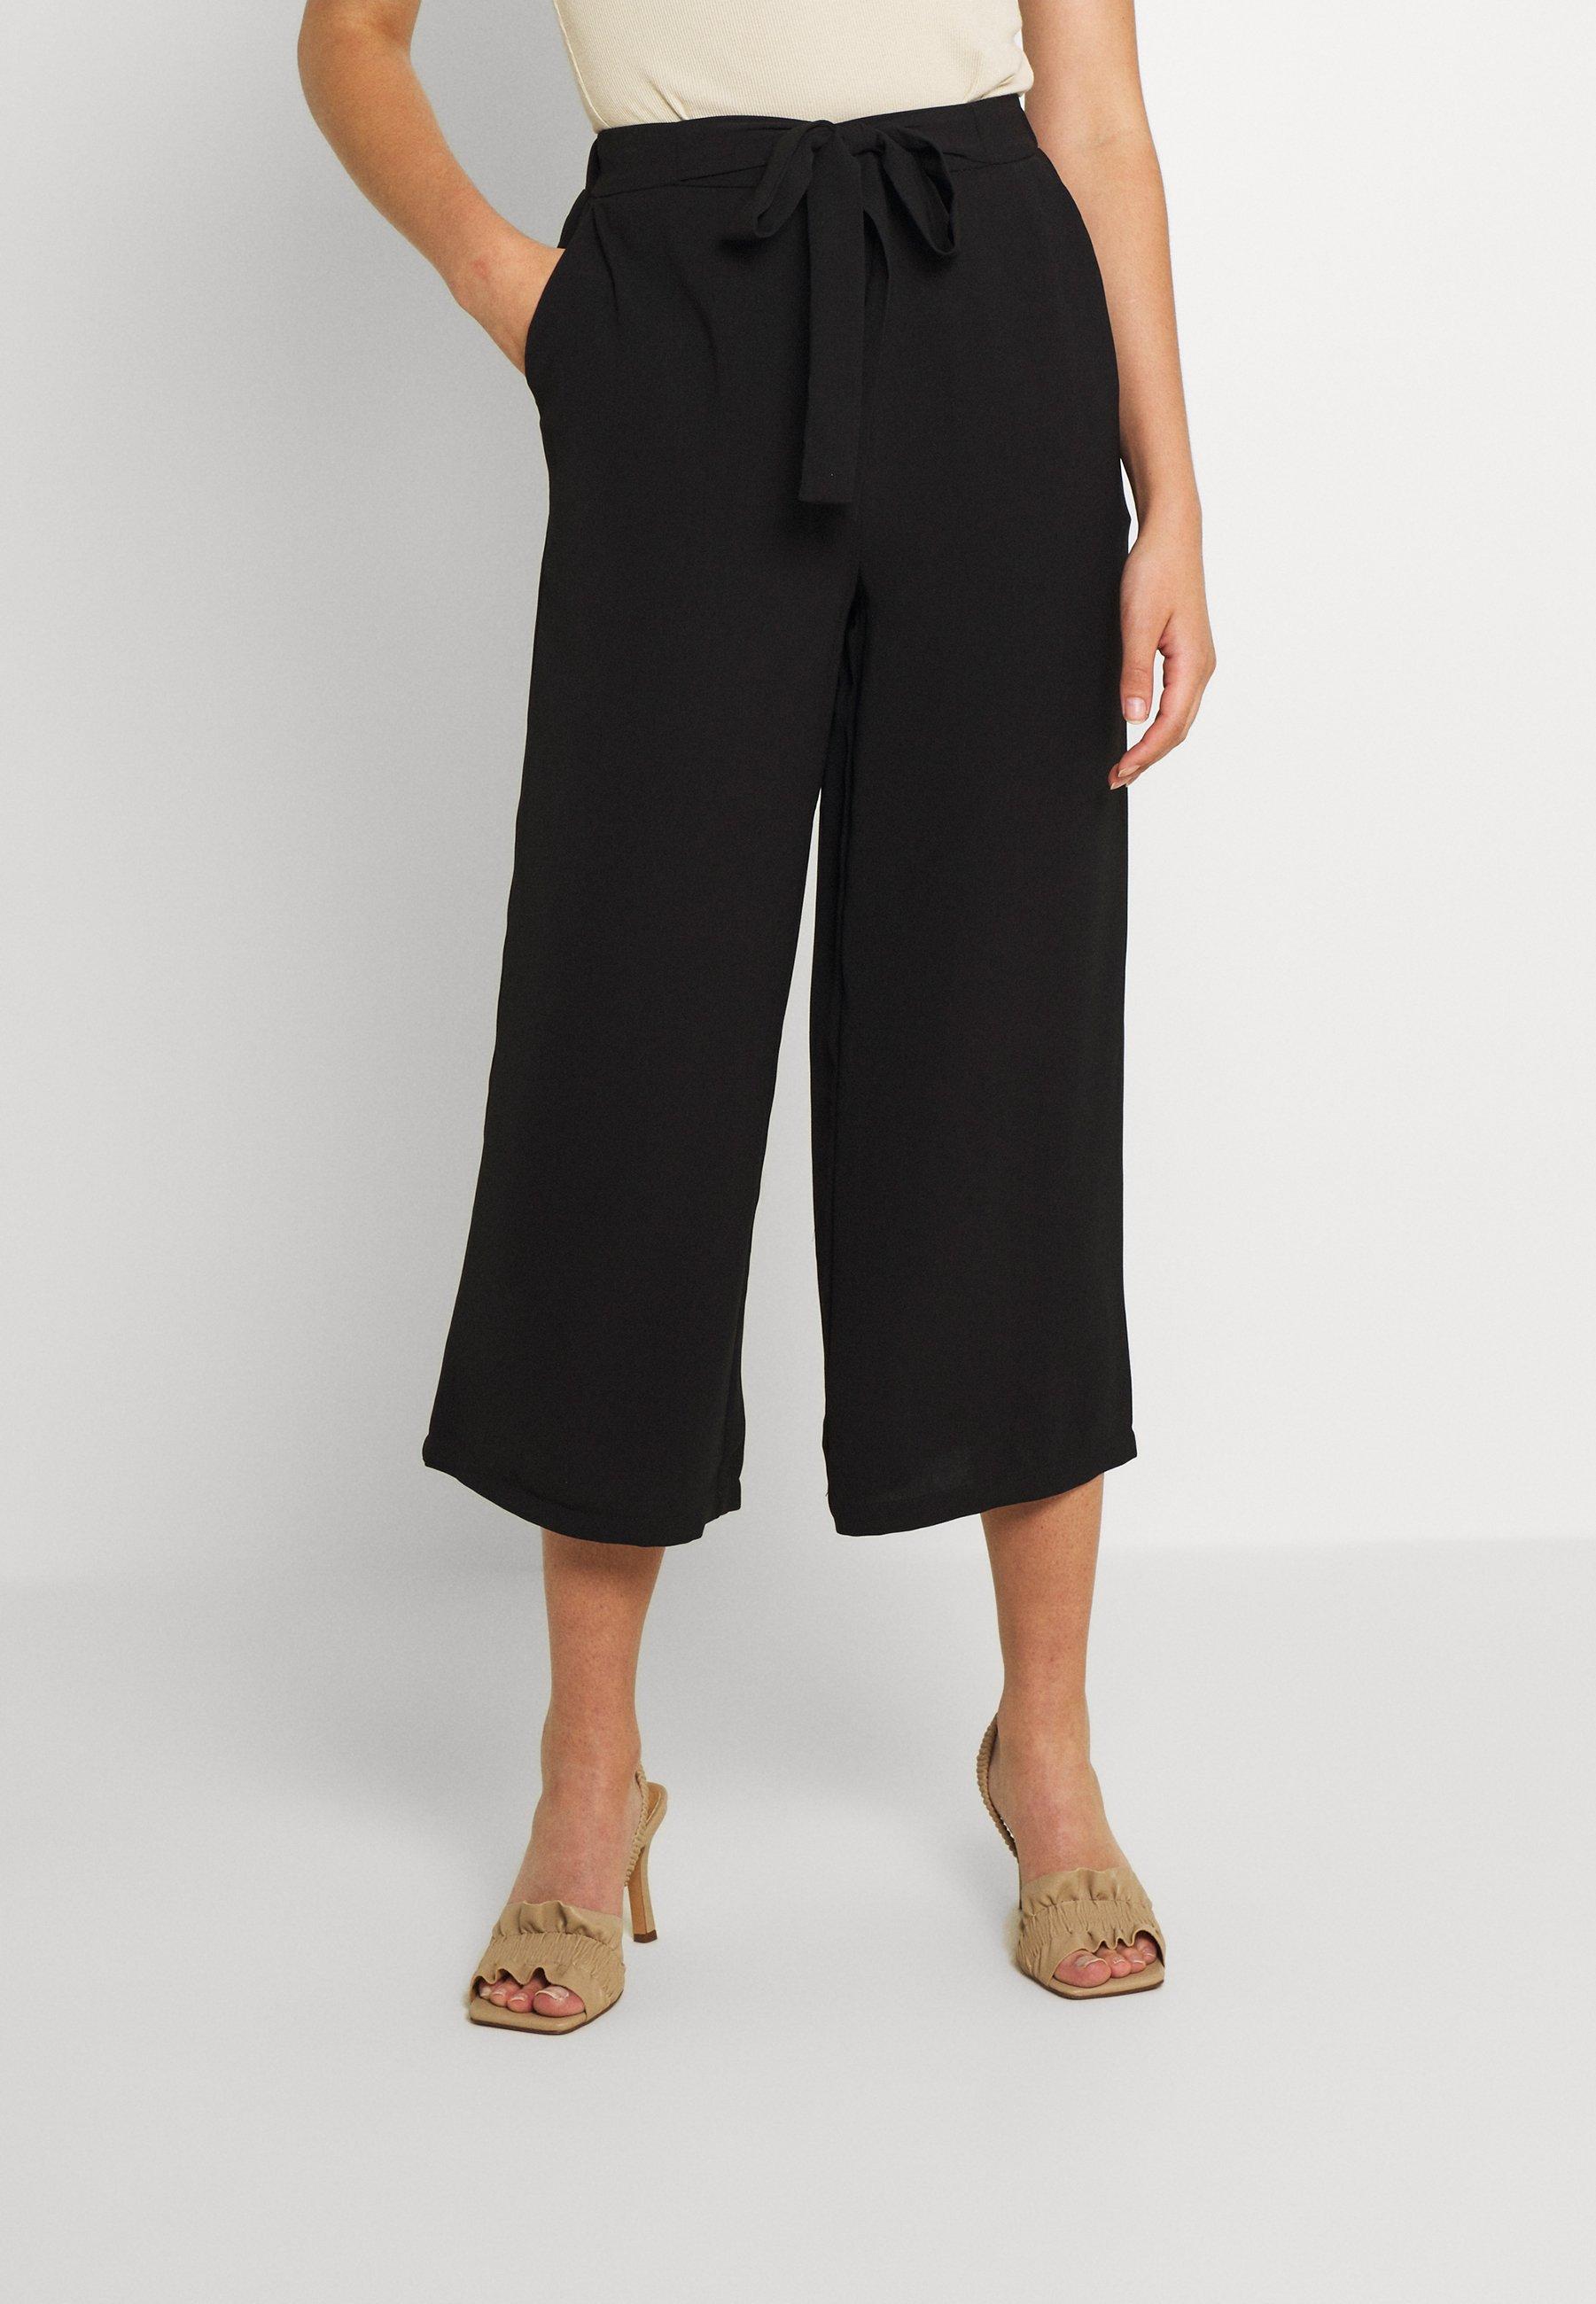 Femme PCKELLIE CULOTTE ANKLE PANT - Pantalon classique